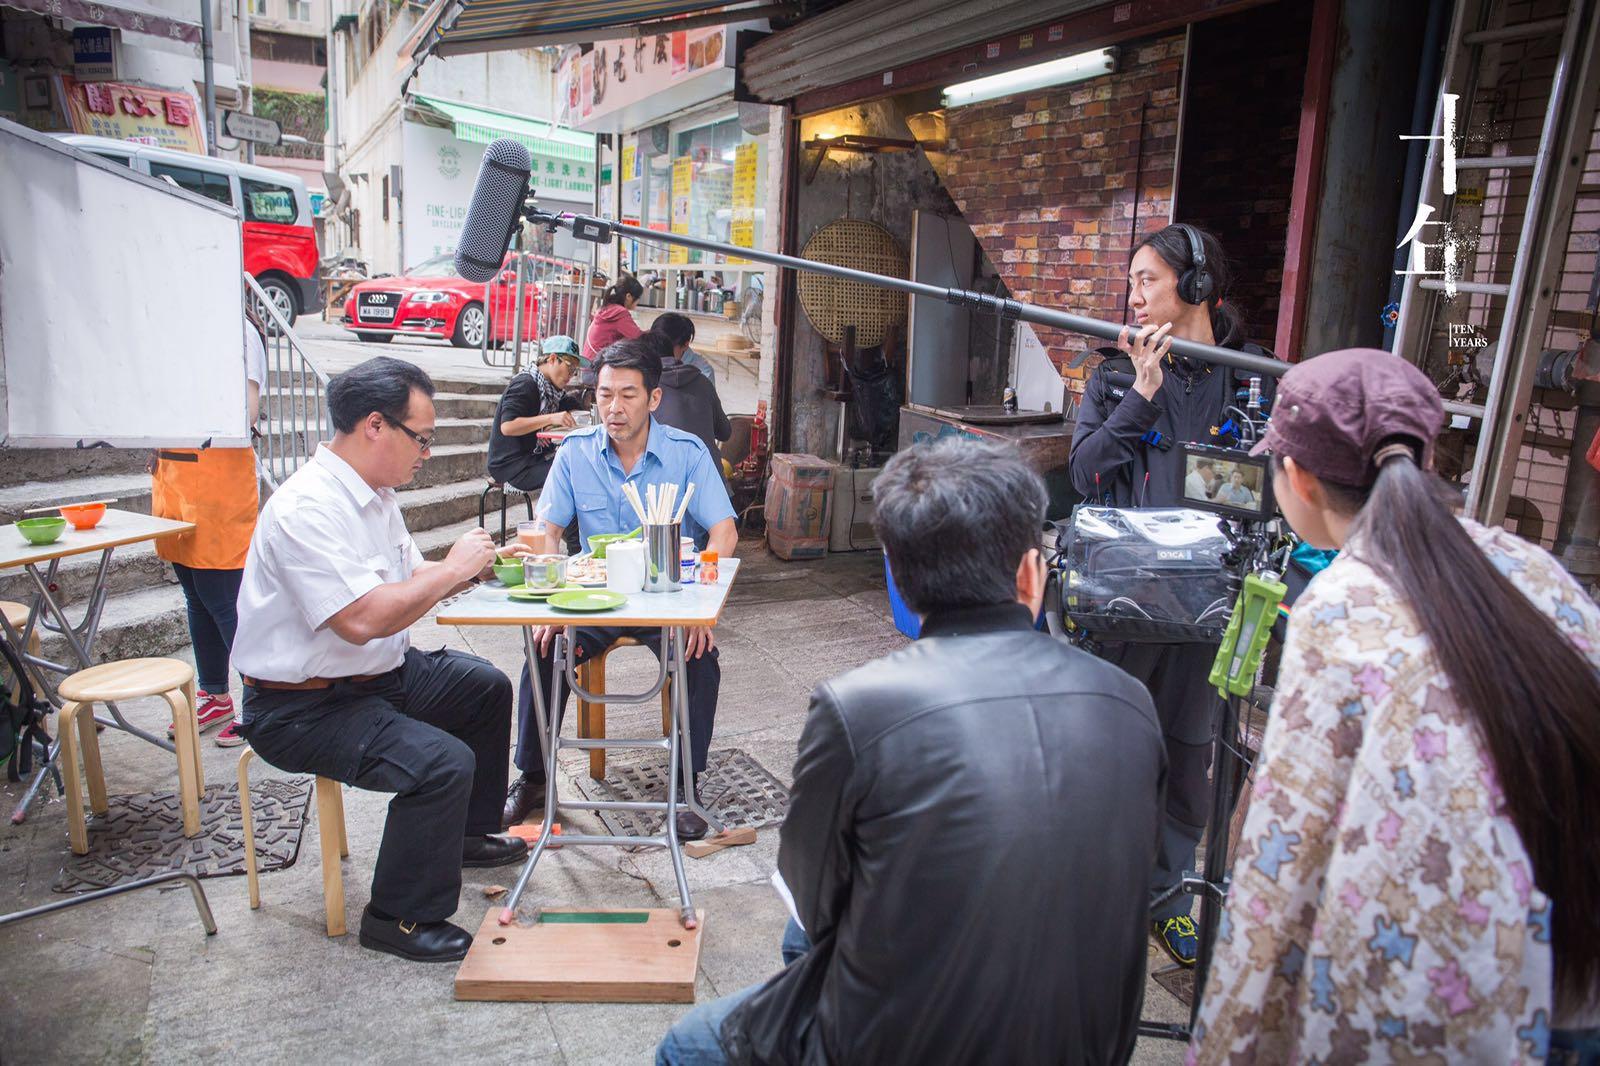 电影《十年》是以2025年的香港为题材,预测这个城巿未来情况。(照片来自欧文杰,拍摄日期不详)